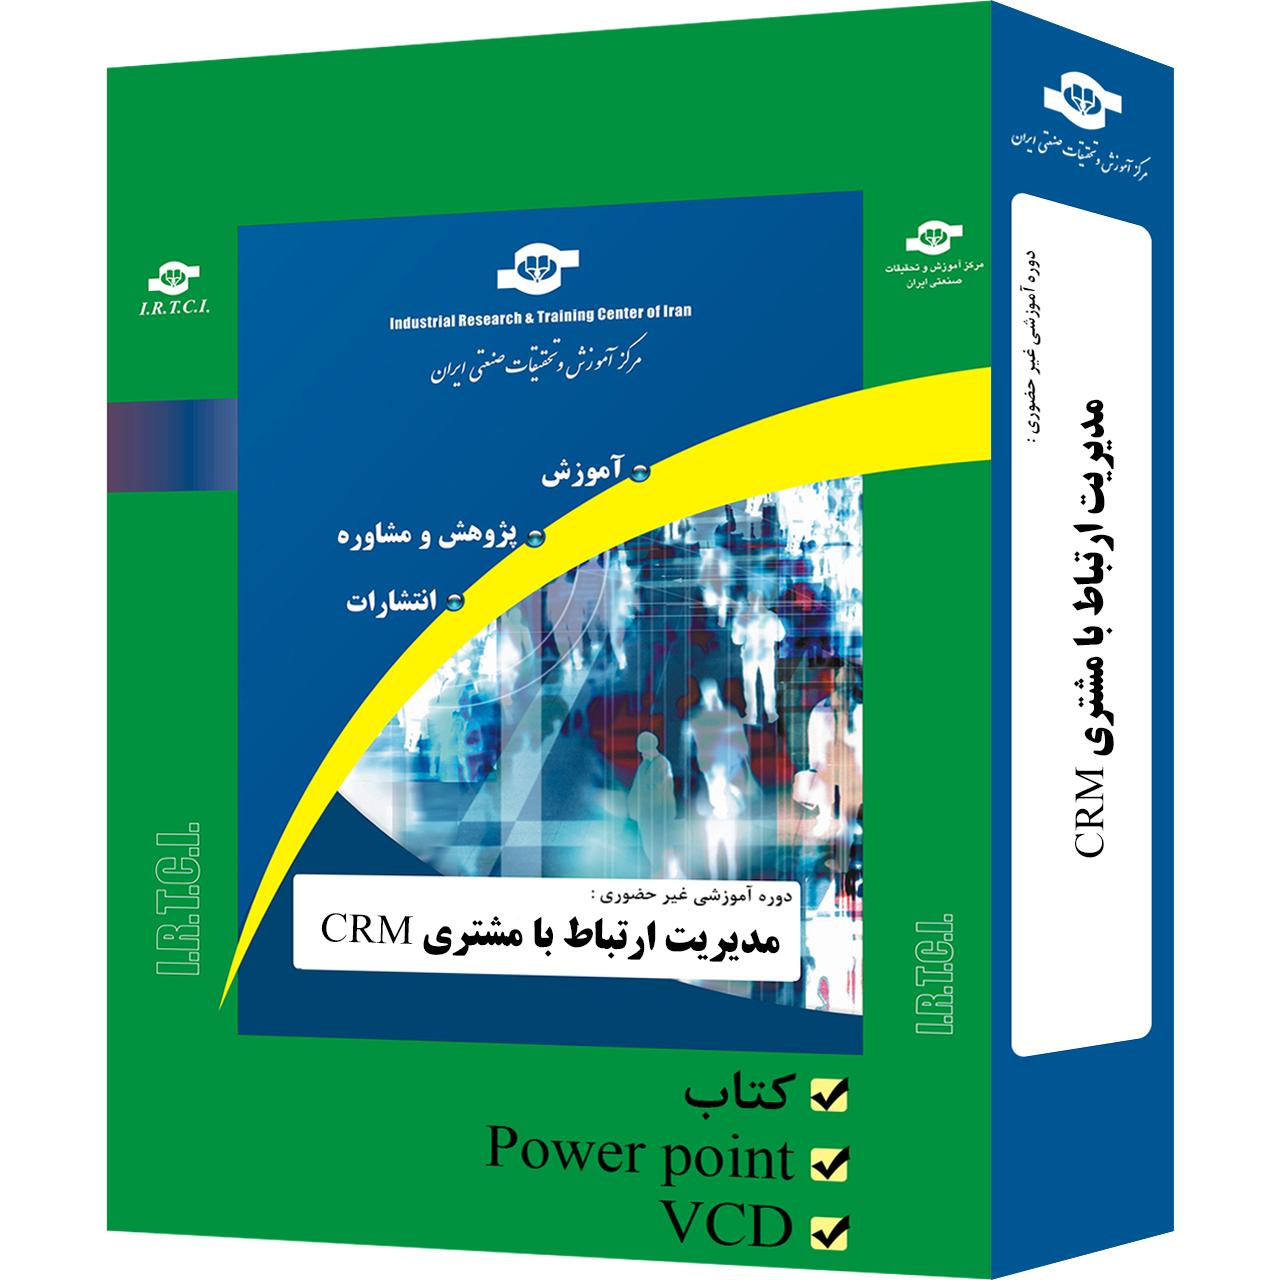 بسته آموزشی غیر حضوری مدیریت ارتباط با مشتری CRM تدوین مرکز آموزش و تحقیقات صنعتی ایران